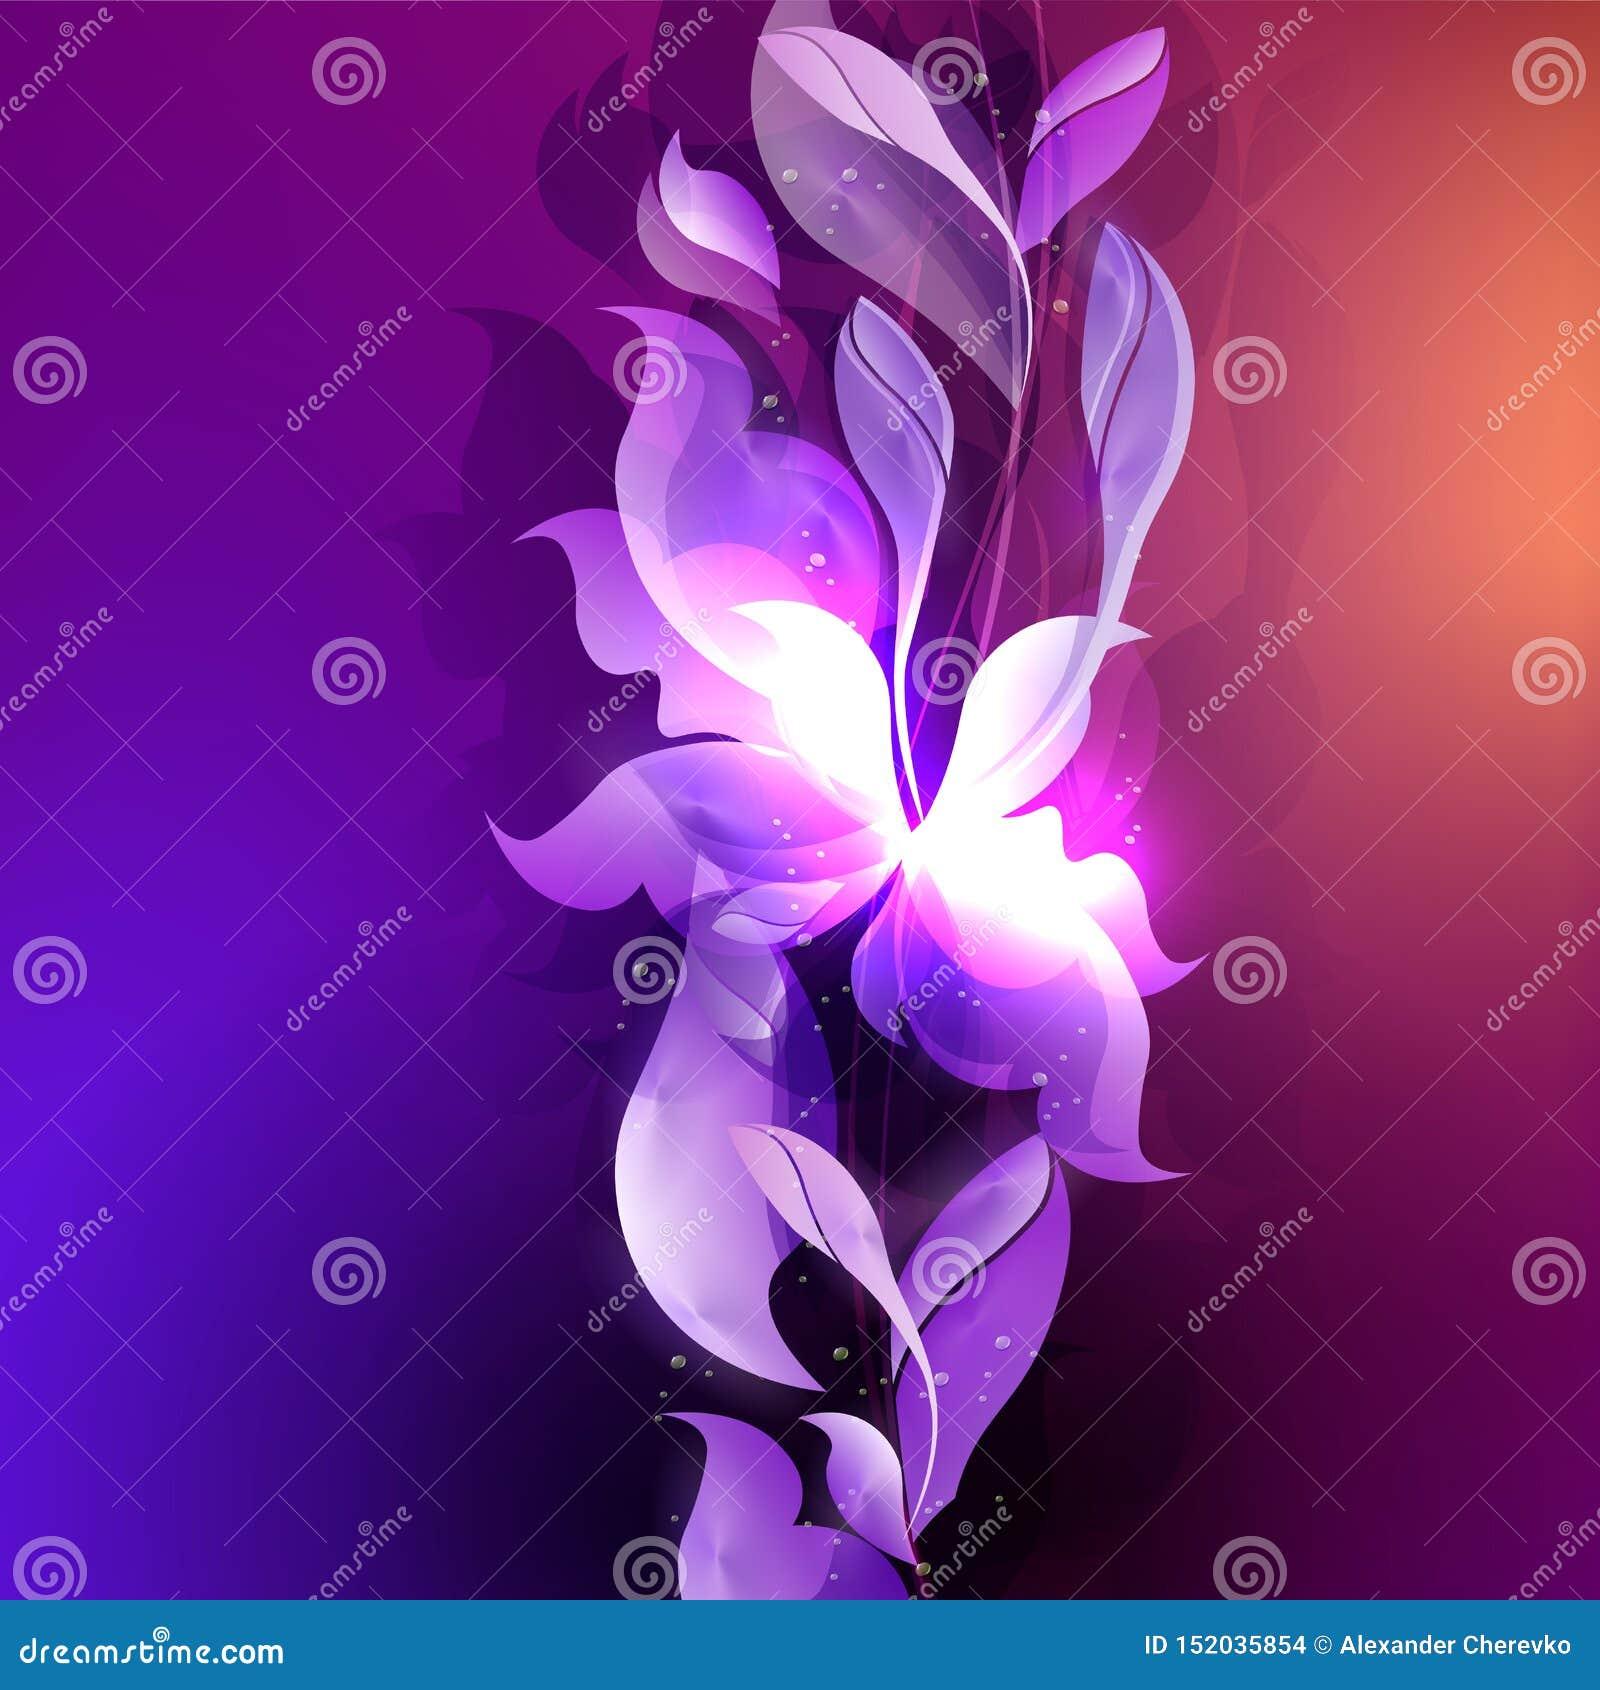 Mörkt - blått med purpurfärgad bakgrund med abstrakta blad- och blommakonturer